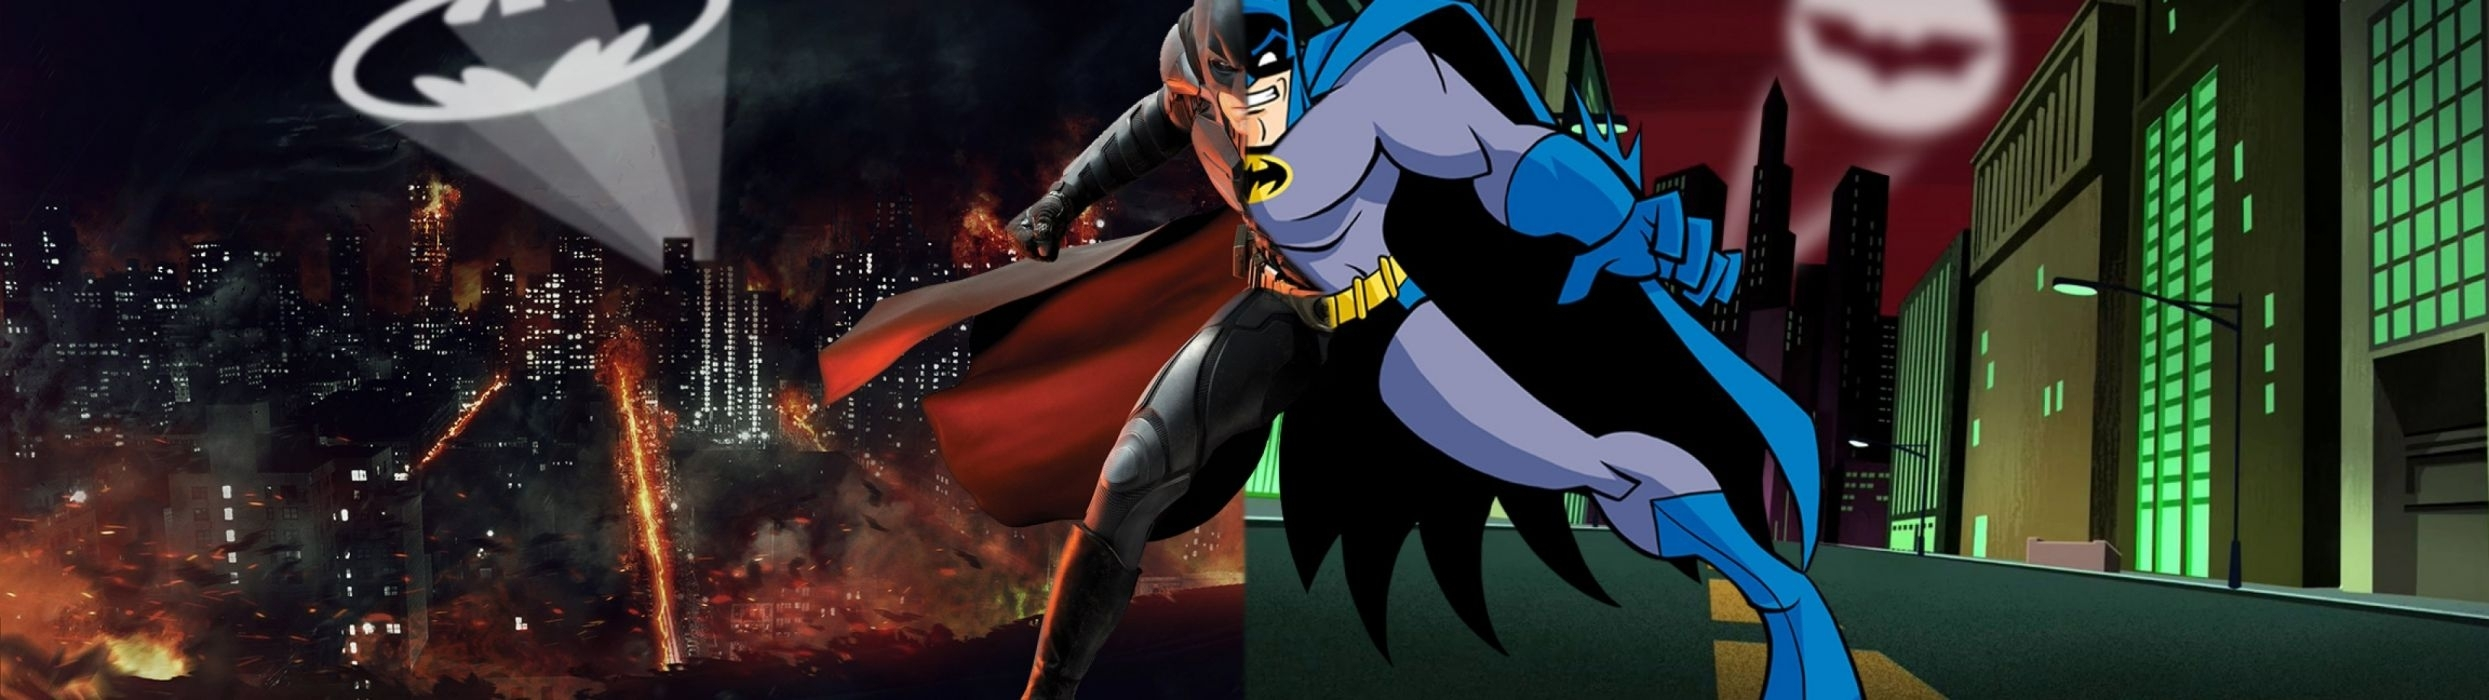 dual monitor screen batman comics ha wallpaper | 3840x1080 | 514374